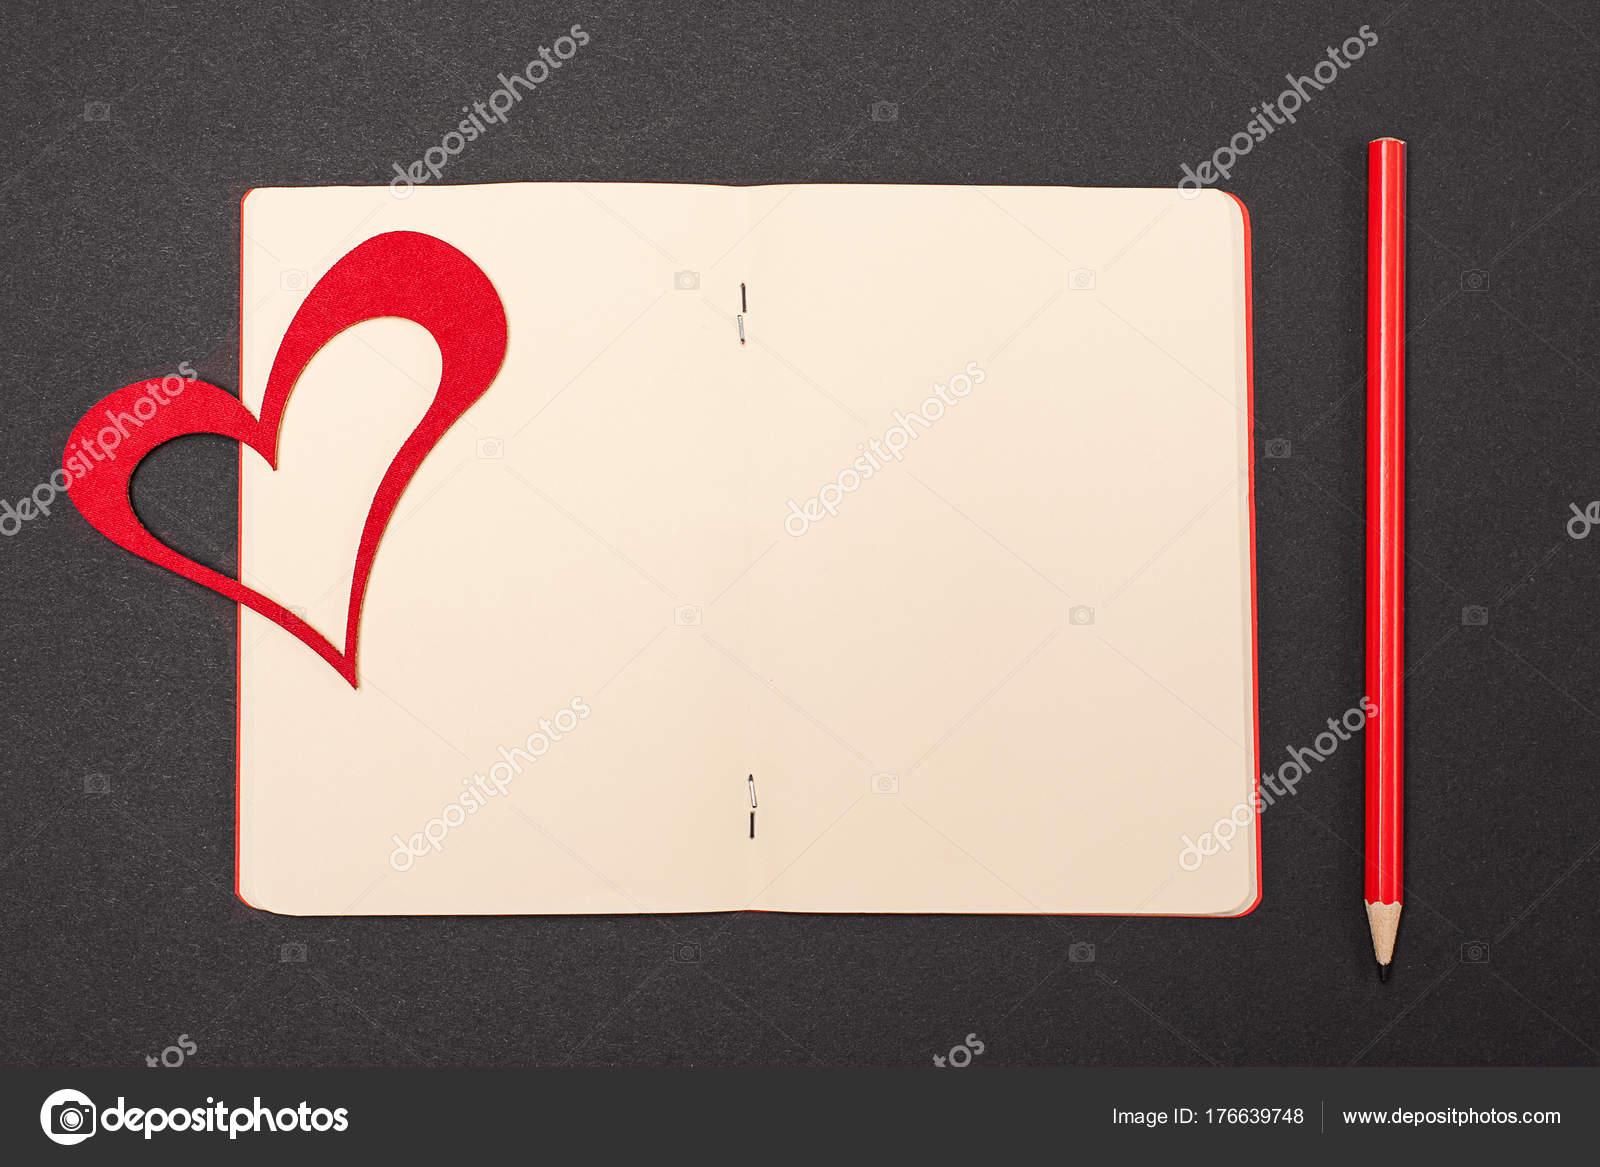 Imágenes Cartas De Amor Creativas Carta De Amor Creativa Concepto